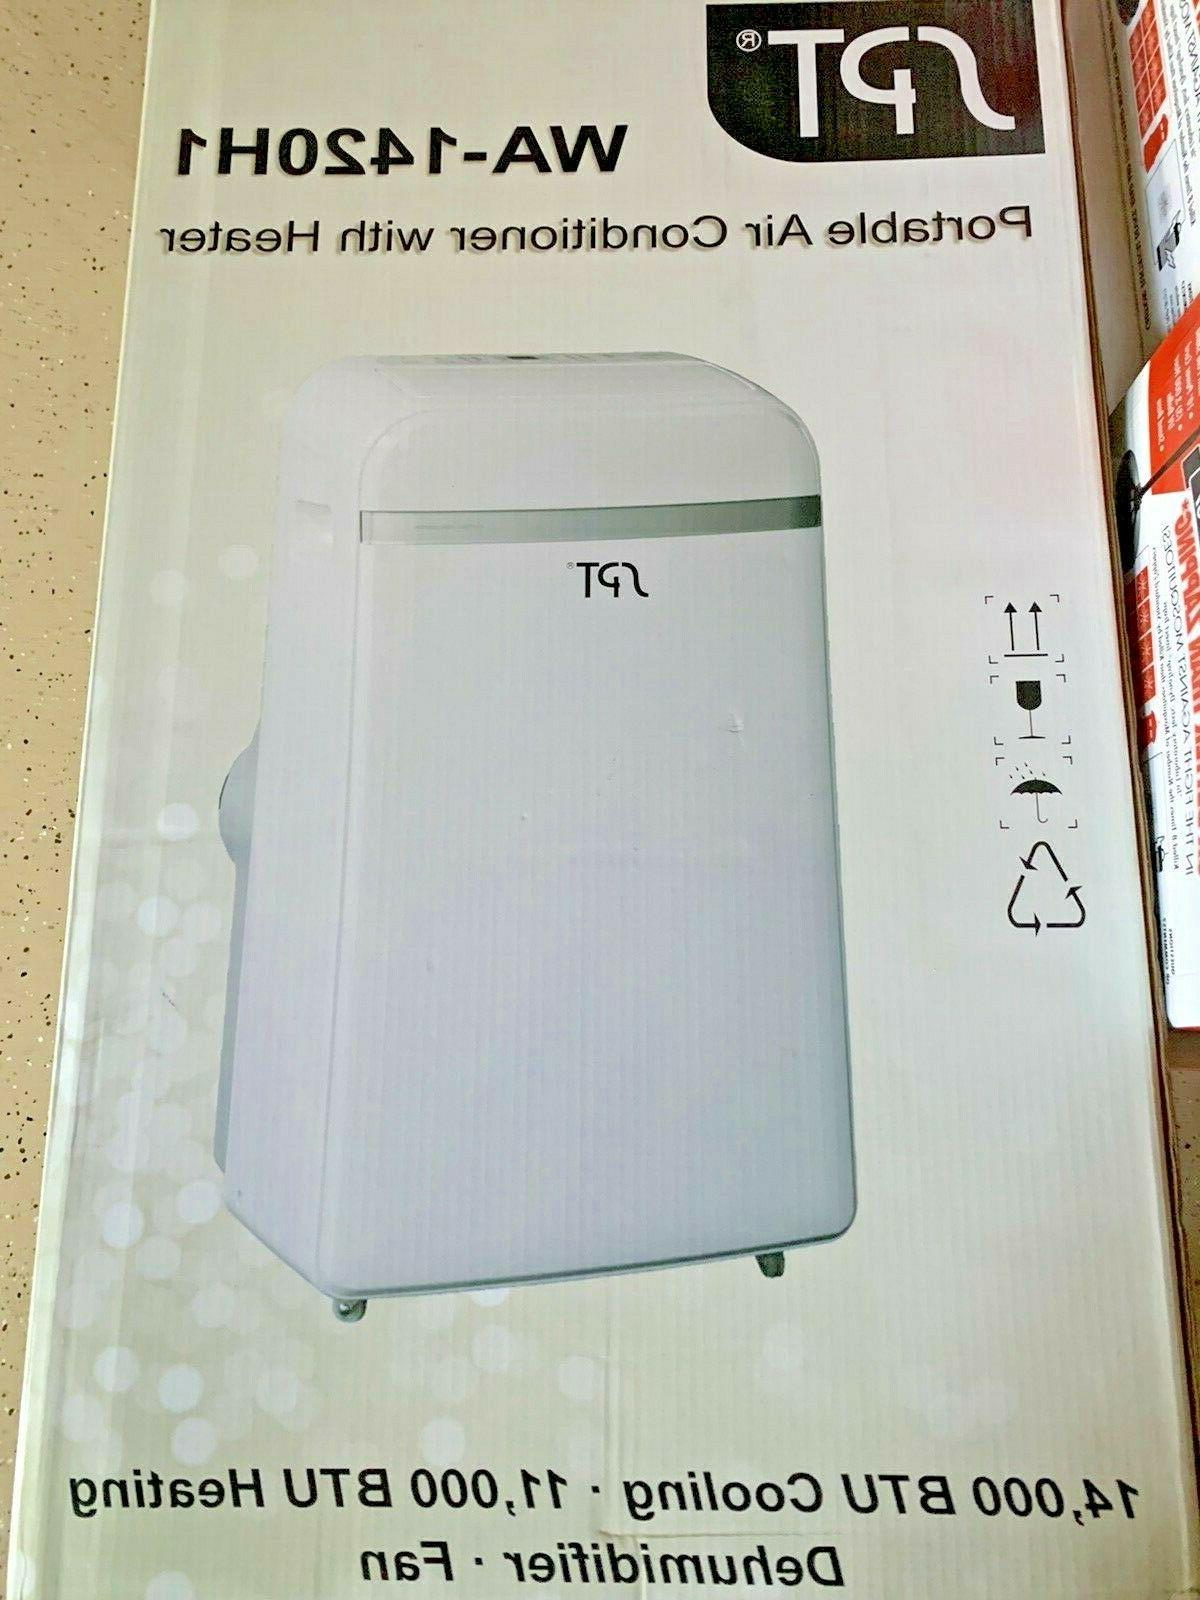 Spt - 12,000 Btu Portable Air Conditioner And 11,000 Btu Hea